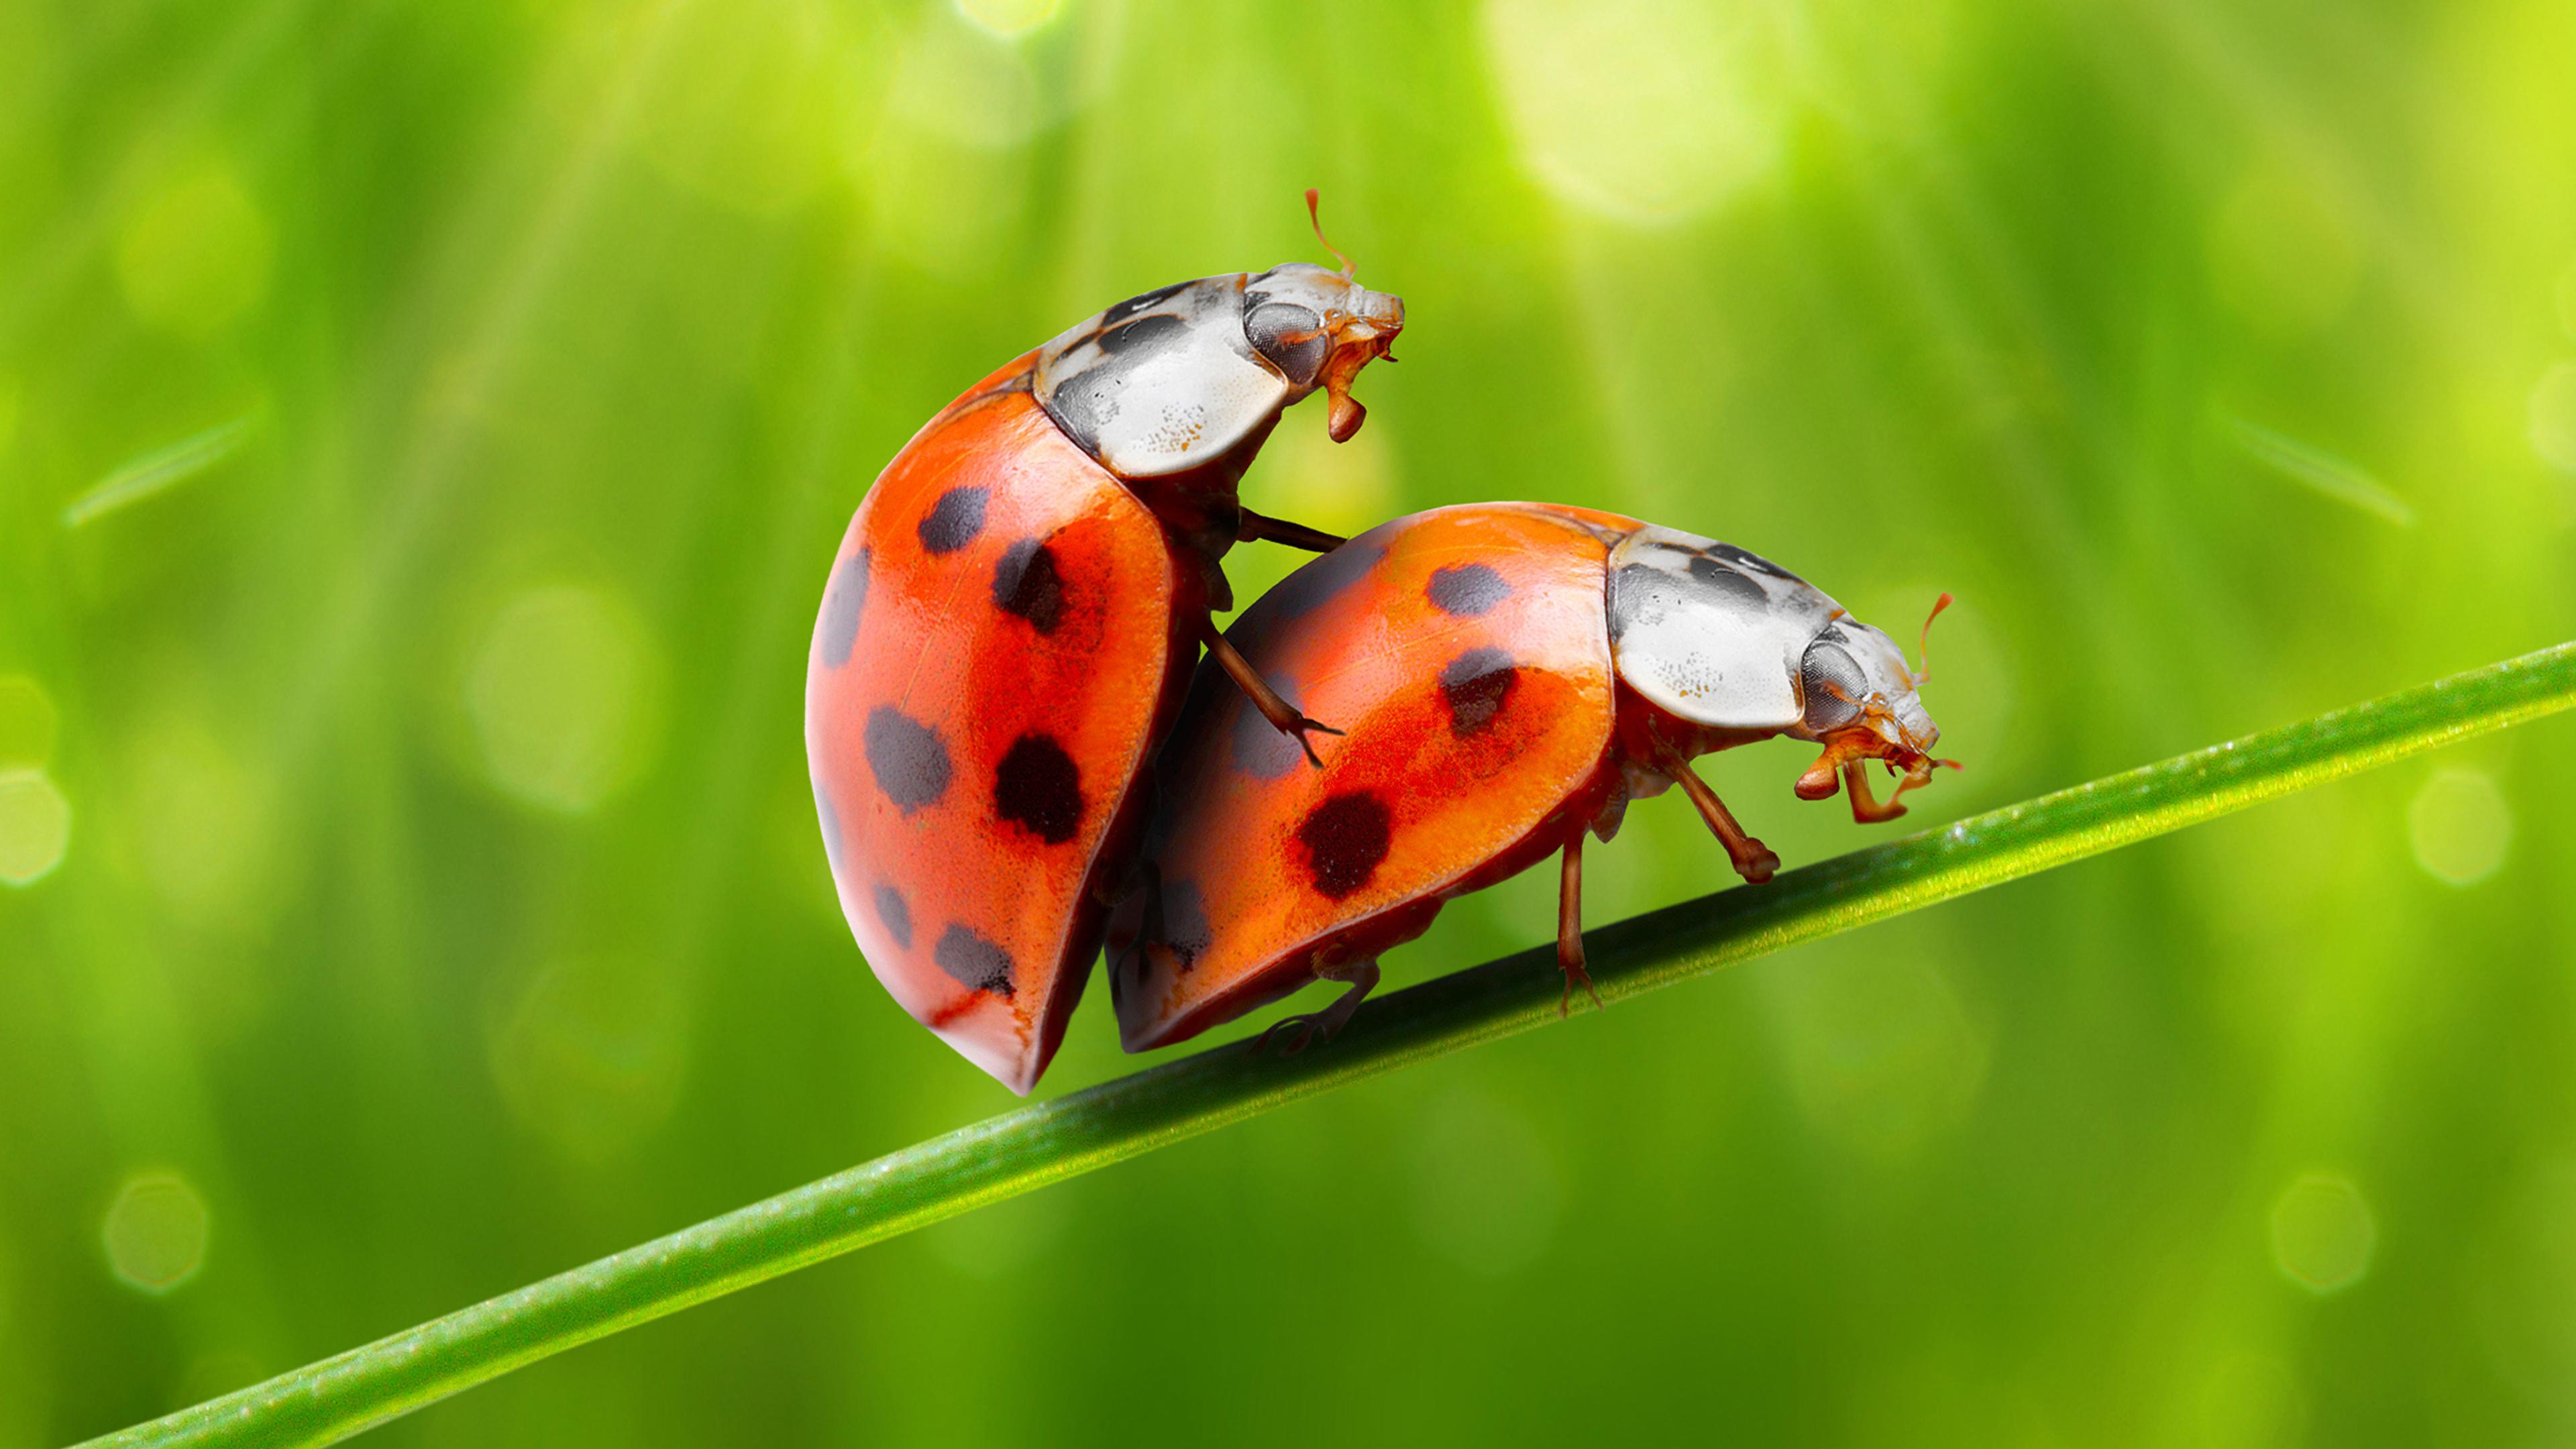 Фотография Божьи коровки насекомое две животное 3840x2160 Насекомые 2 два Двое вдвоем Животные